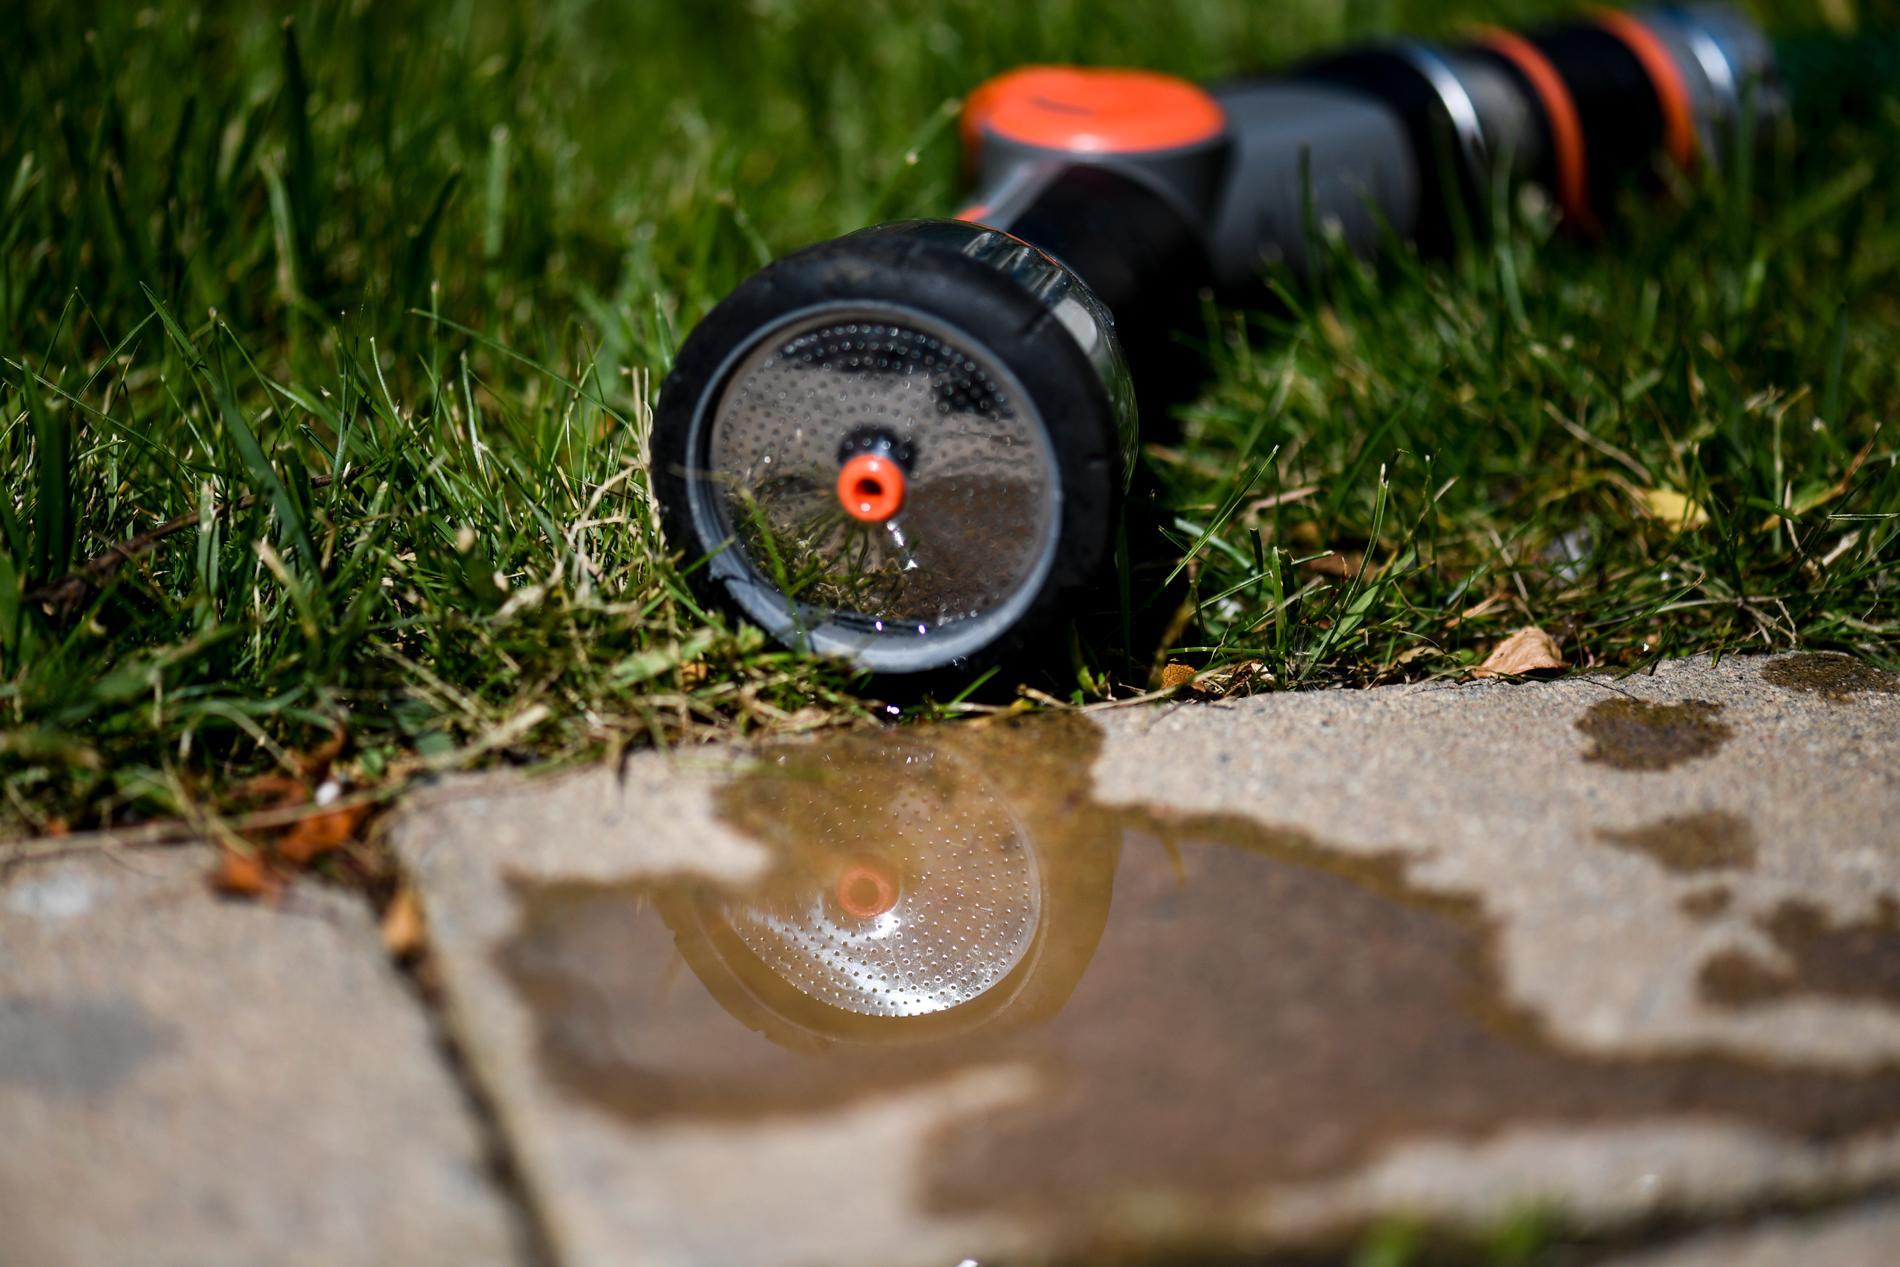 """""""Bevattningsförbud utfärdas ofta på orter där befolkningen ökar mycket under sommaren och när vädret är bra"""", säger Fredrik Vinthagen, kommunikationsstrateg på Svenskt vatten."""